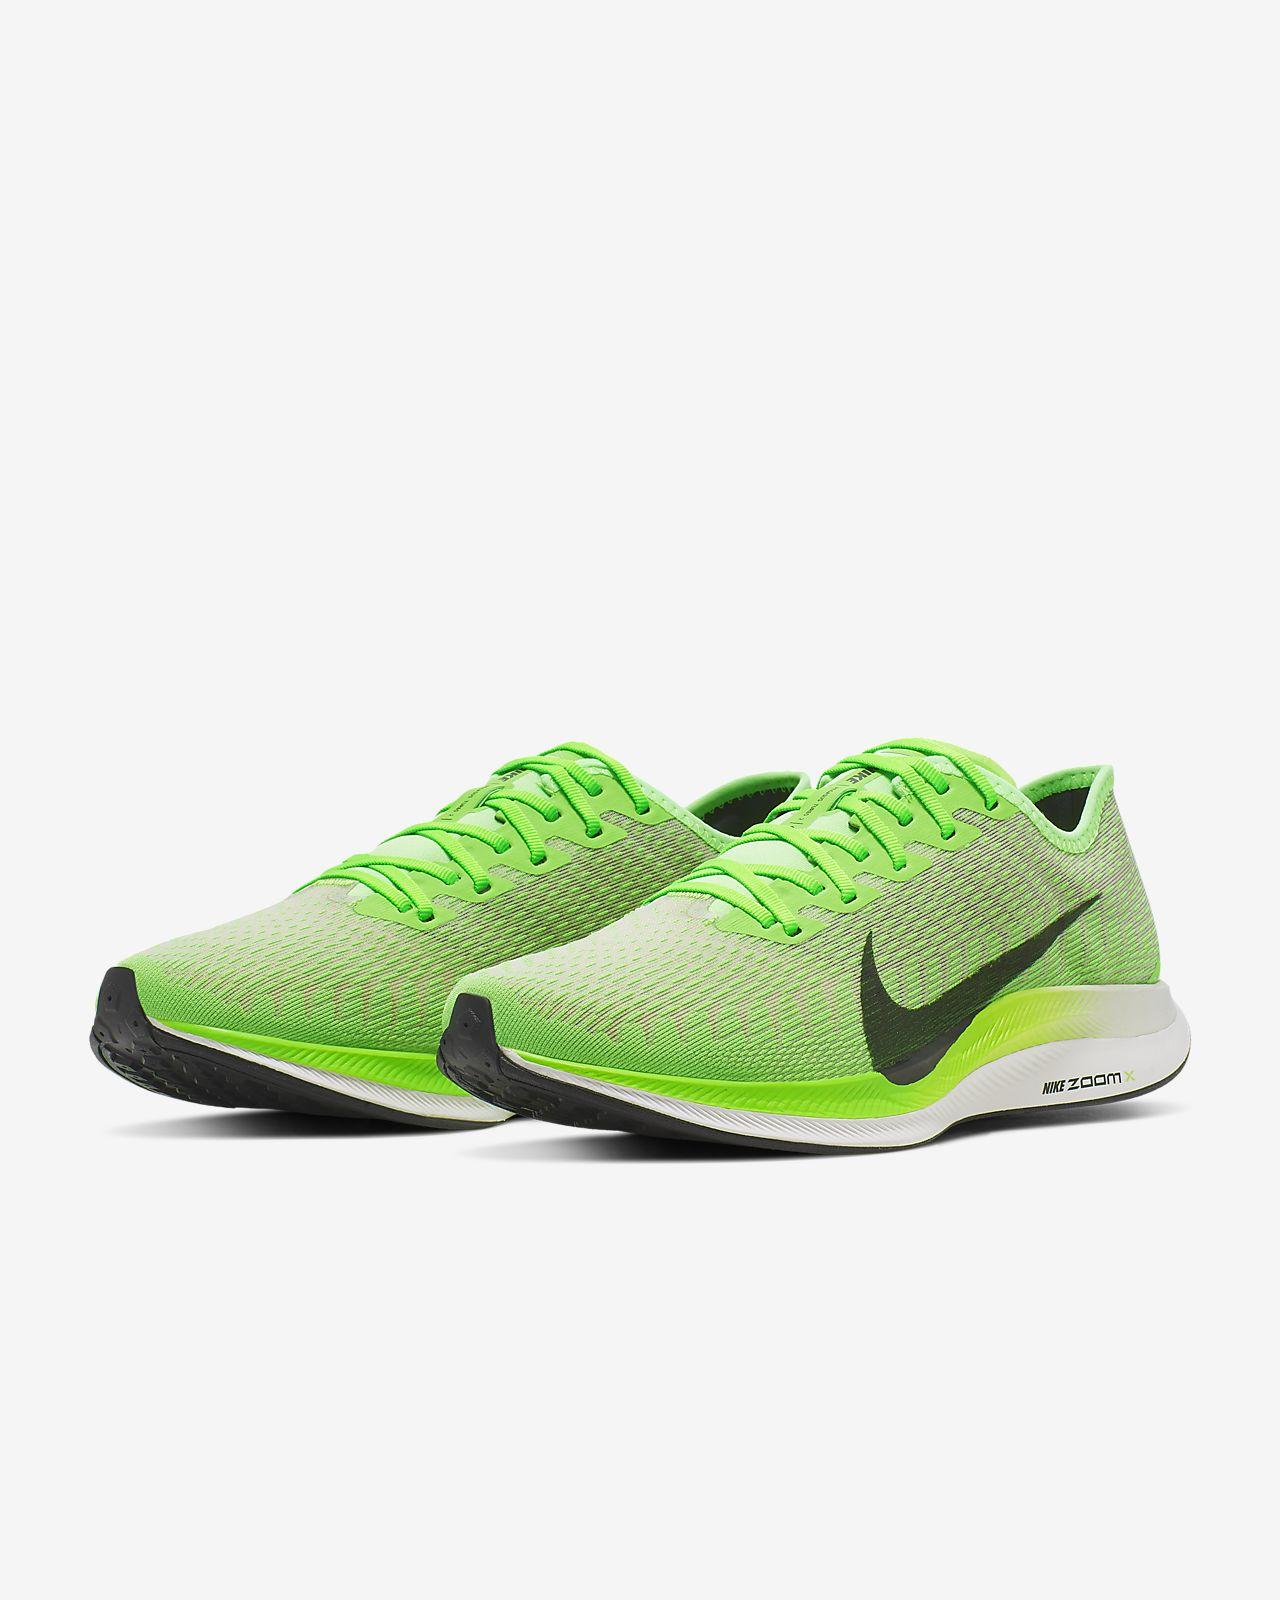 promo code 78d91 8e52b Nike Zoom Pegasus Turbo 2 Men's Running Shoe